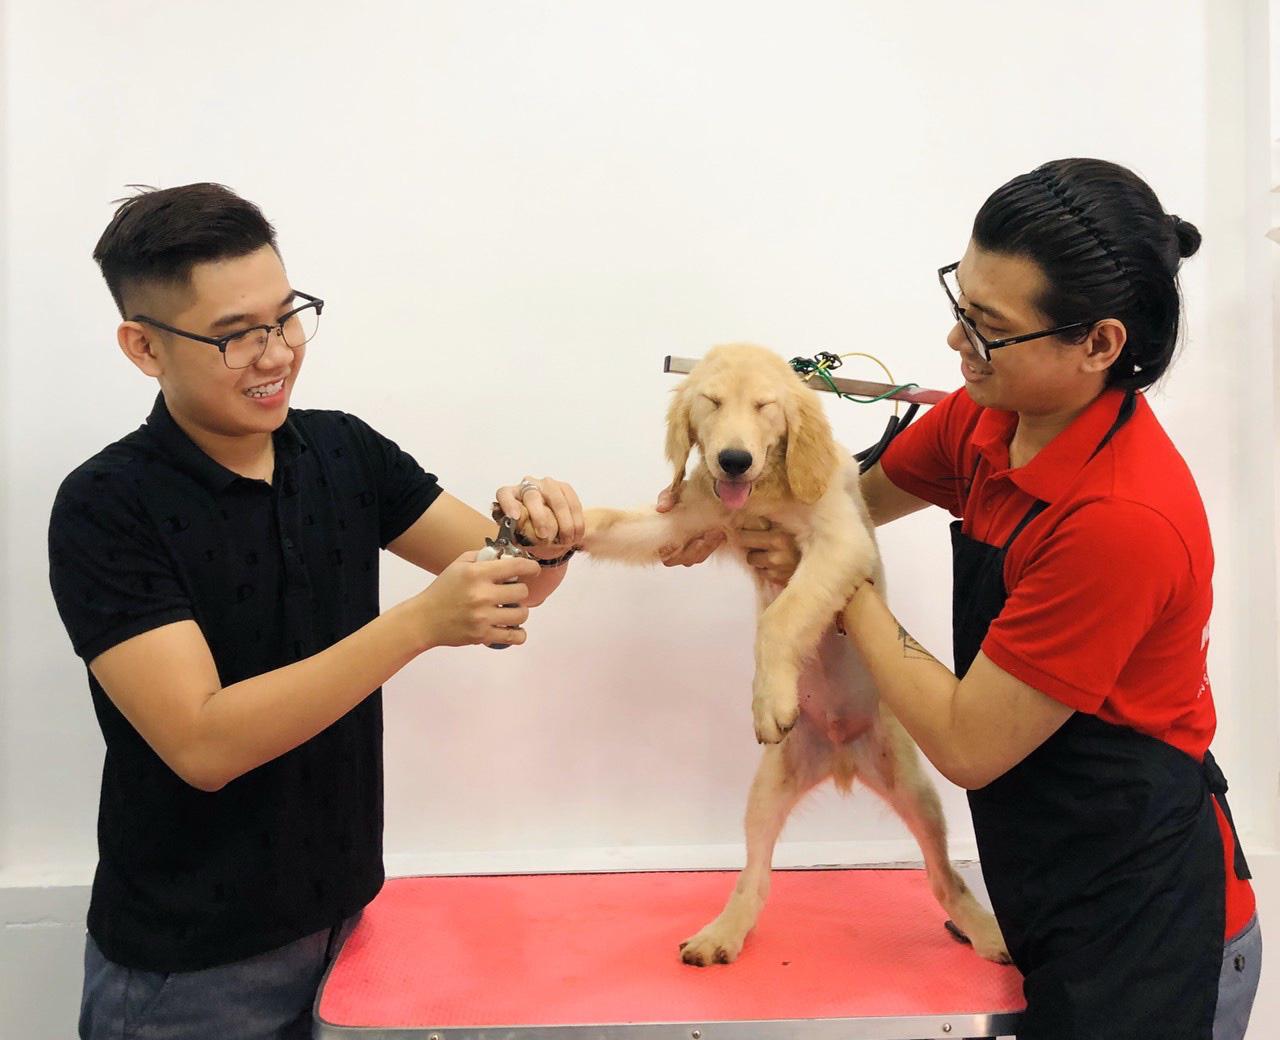 Vietnamese man delivers door-to-door spa service for pet owners